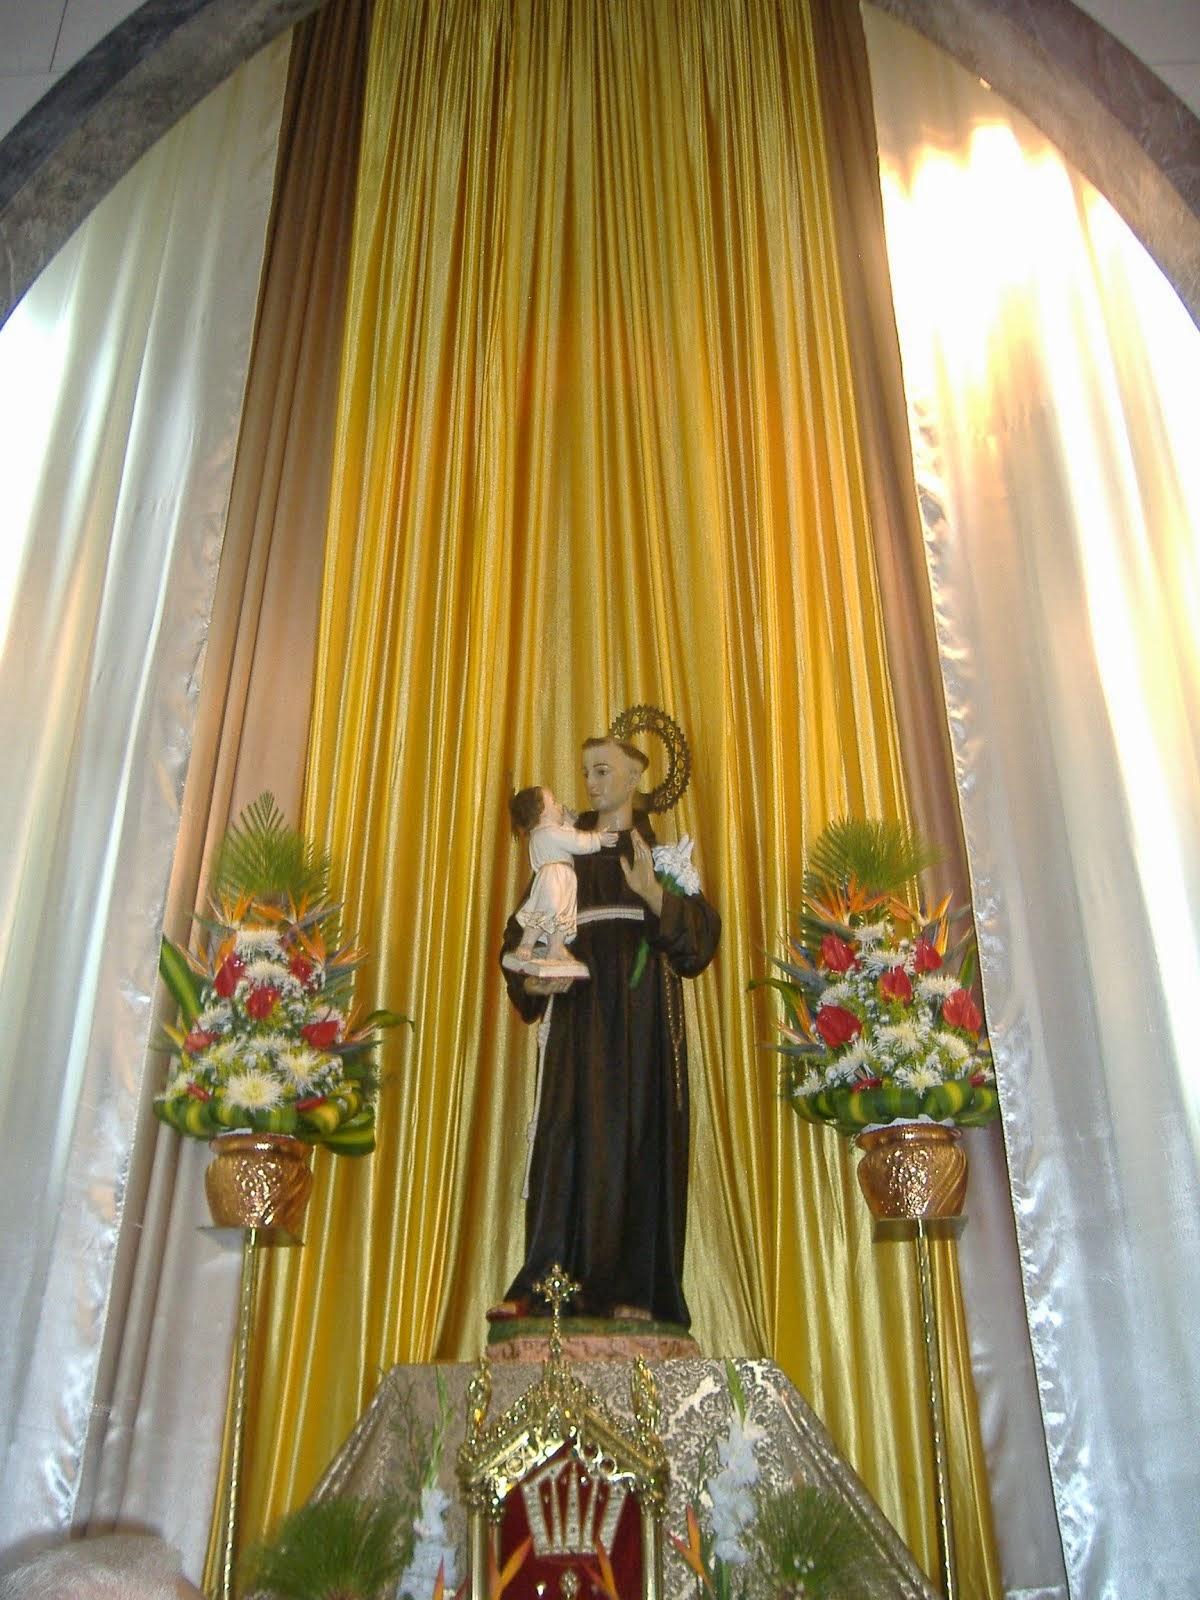 Asilo La Providencia - San Antonio de Padua - Av. San Martin